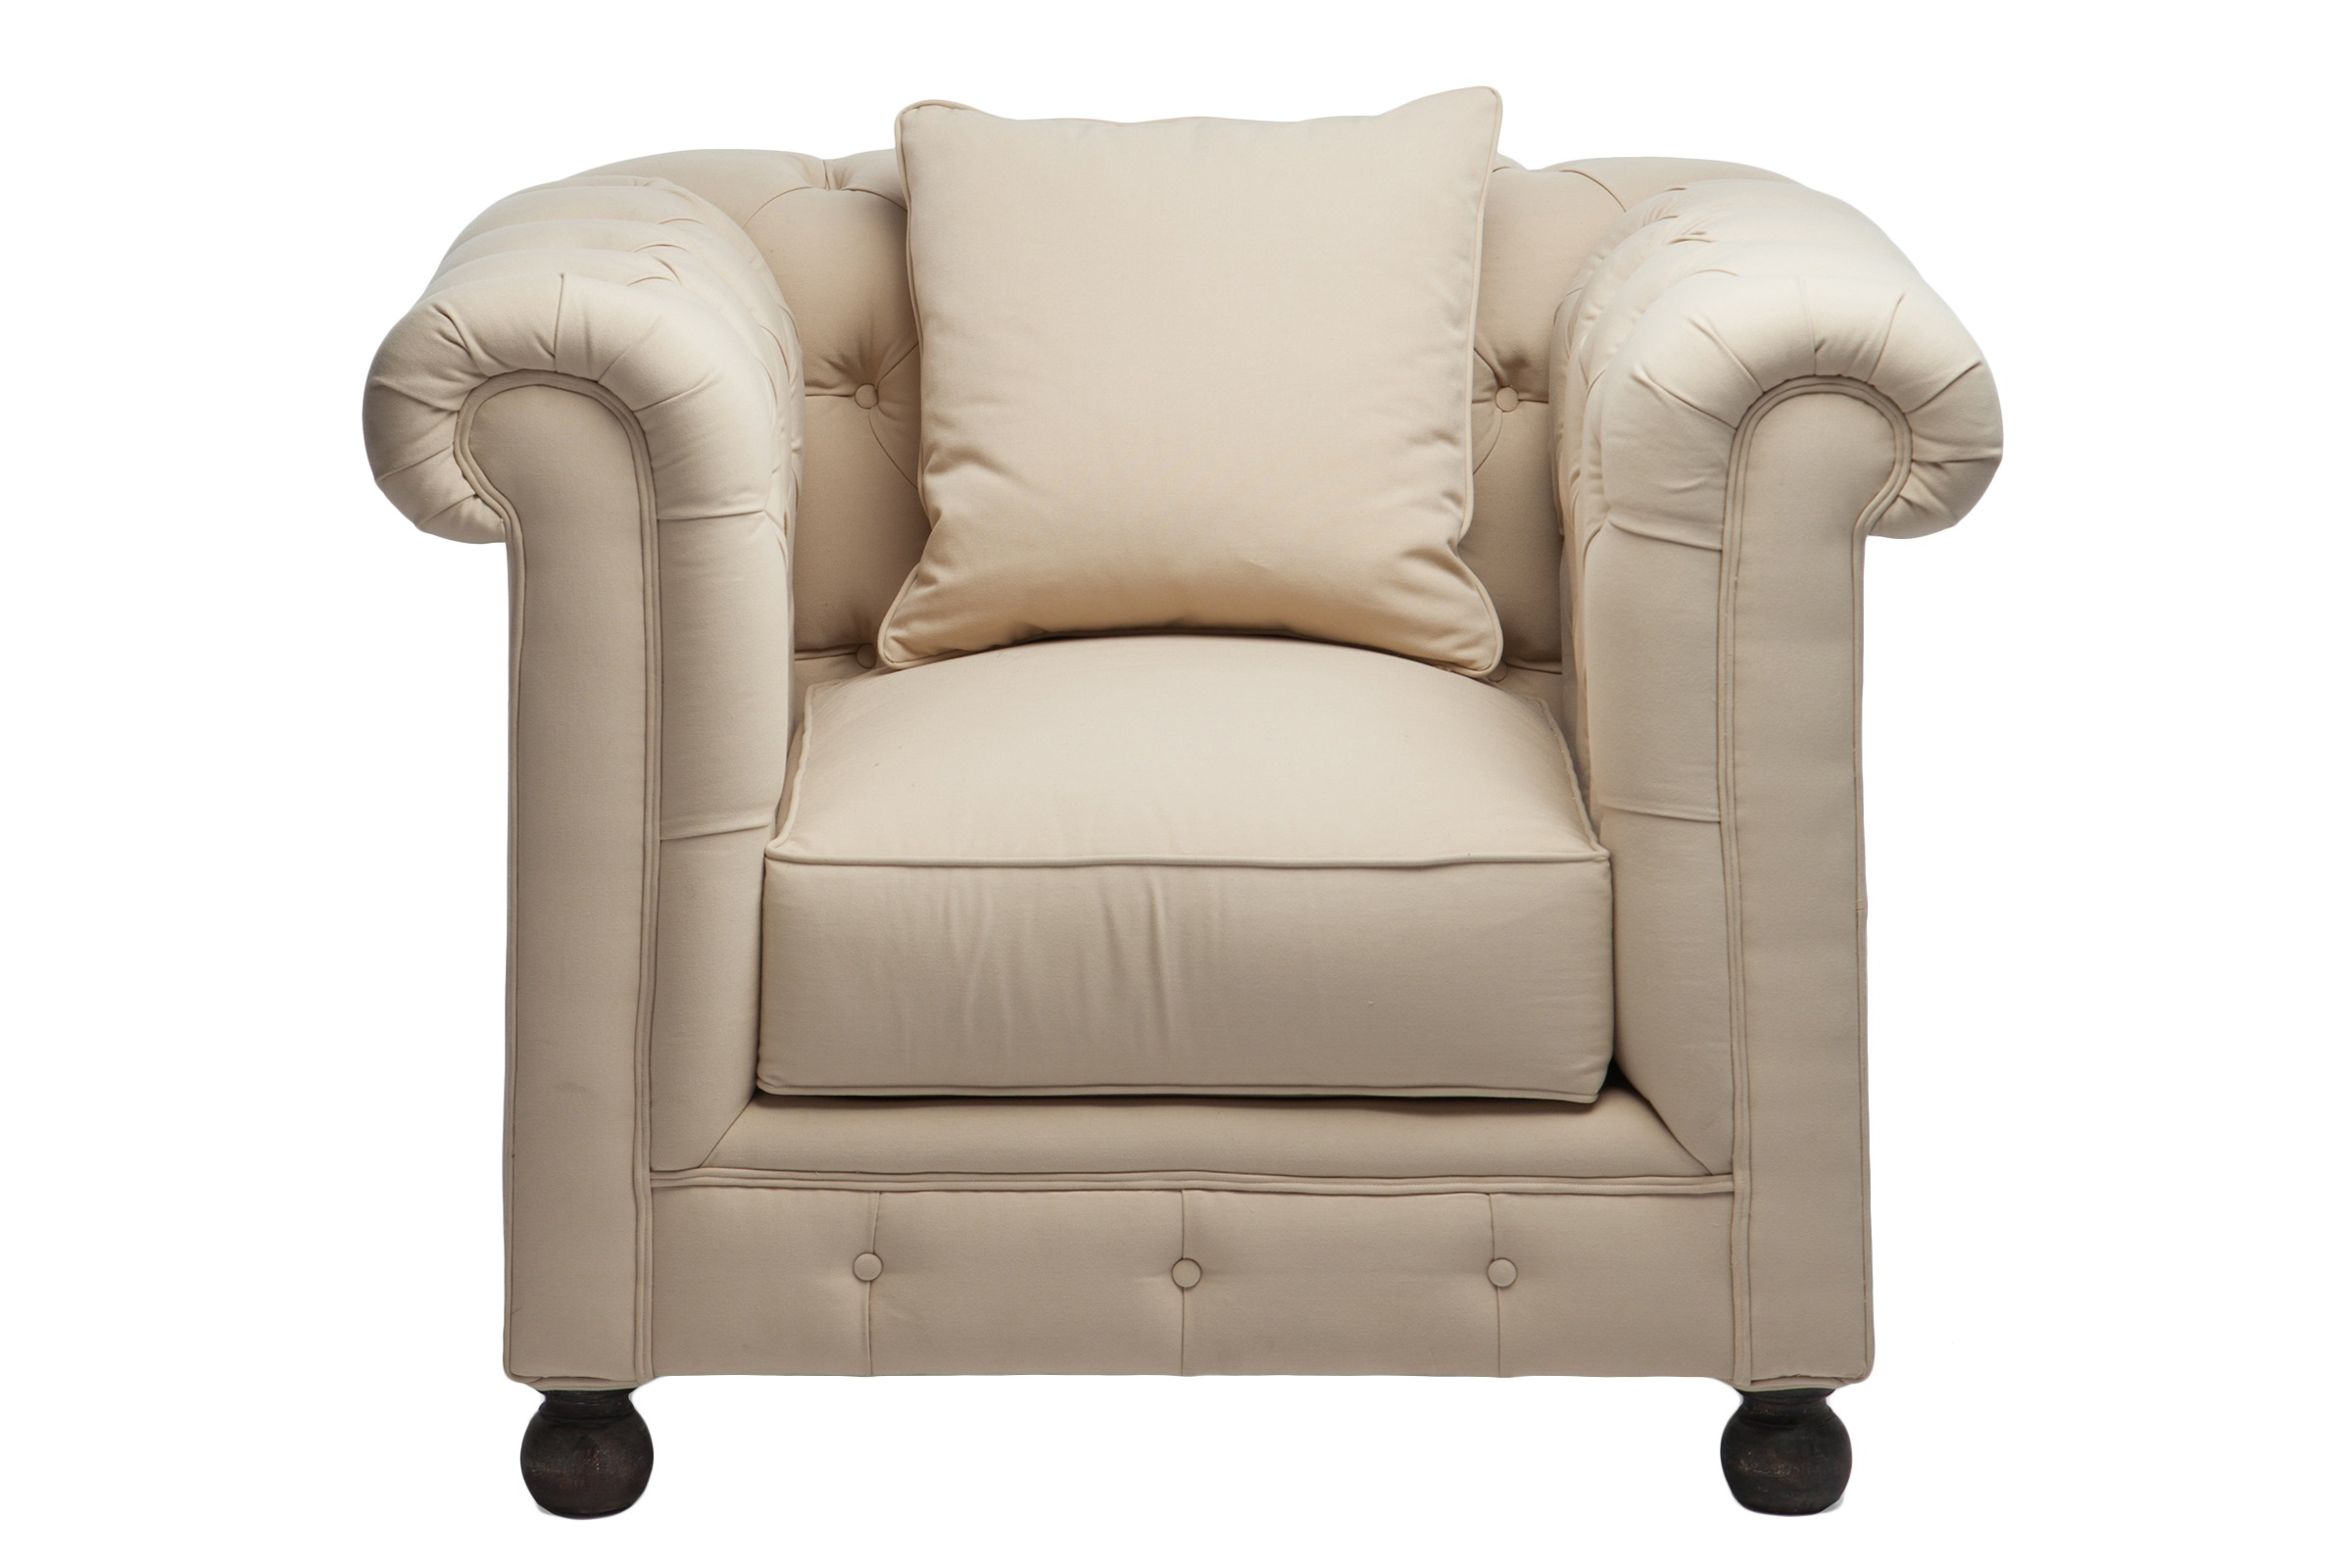 Кресло «Честерфилд»Интерьерные кресла<br>Классическая модель, декорированная стёжкой капитоне на круглых ножках.<br><br>Material: Текстиль<br>Width см: 110<br>Depth см: 93<br>Height см: 89